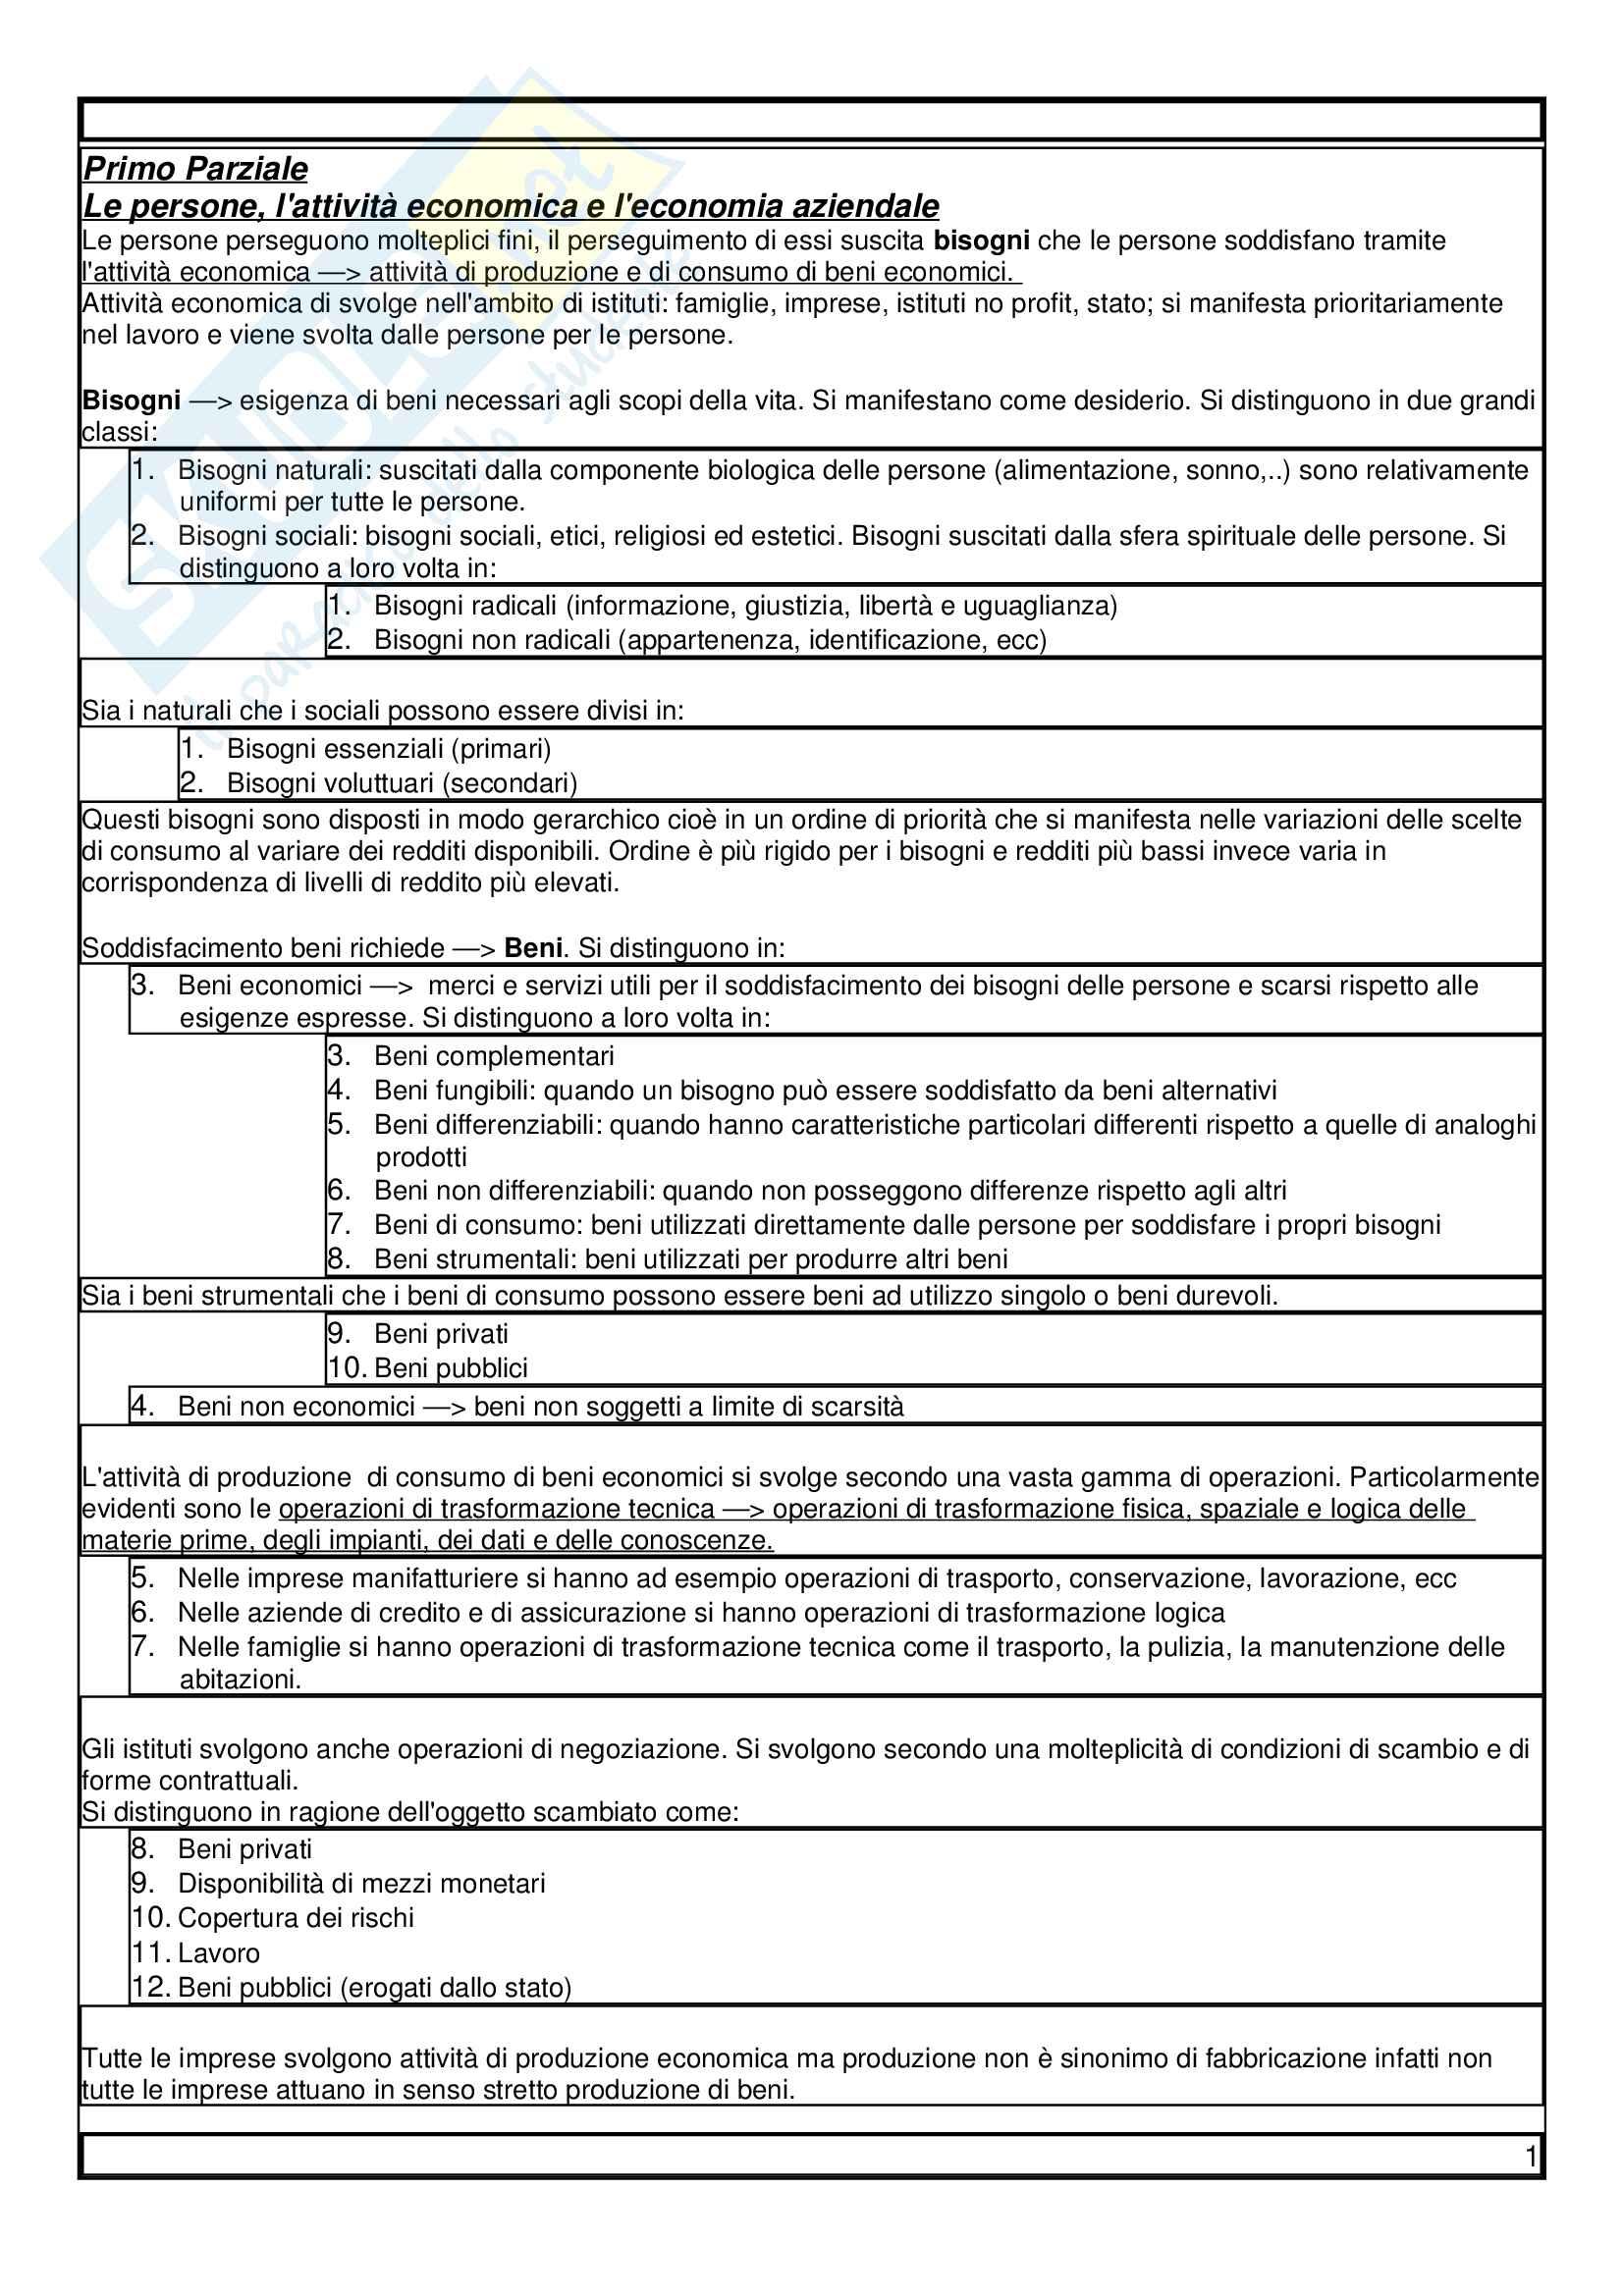 Appunti Economia Aziendale, Libro consigliato Airoldi, Brunetti, Coda